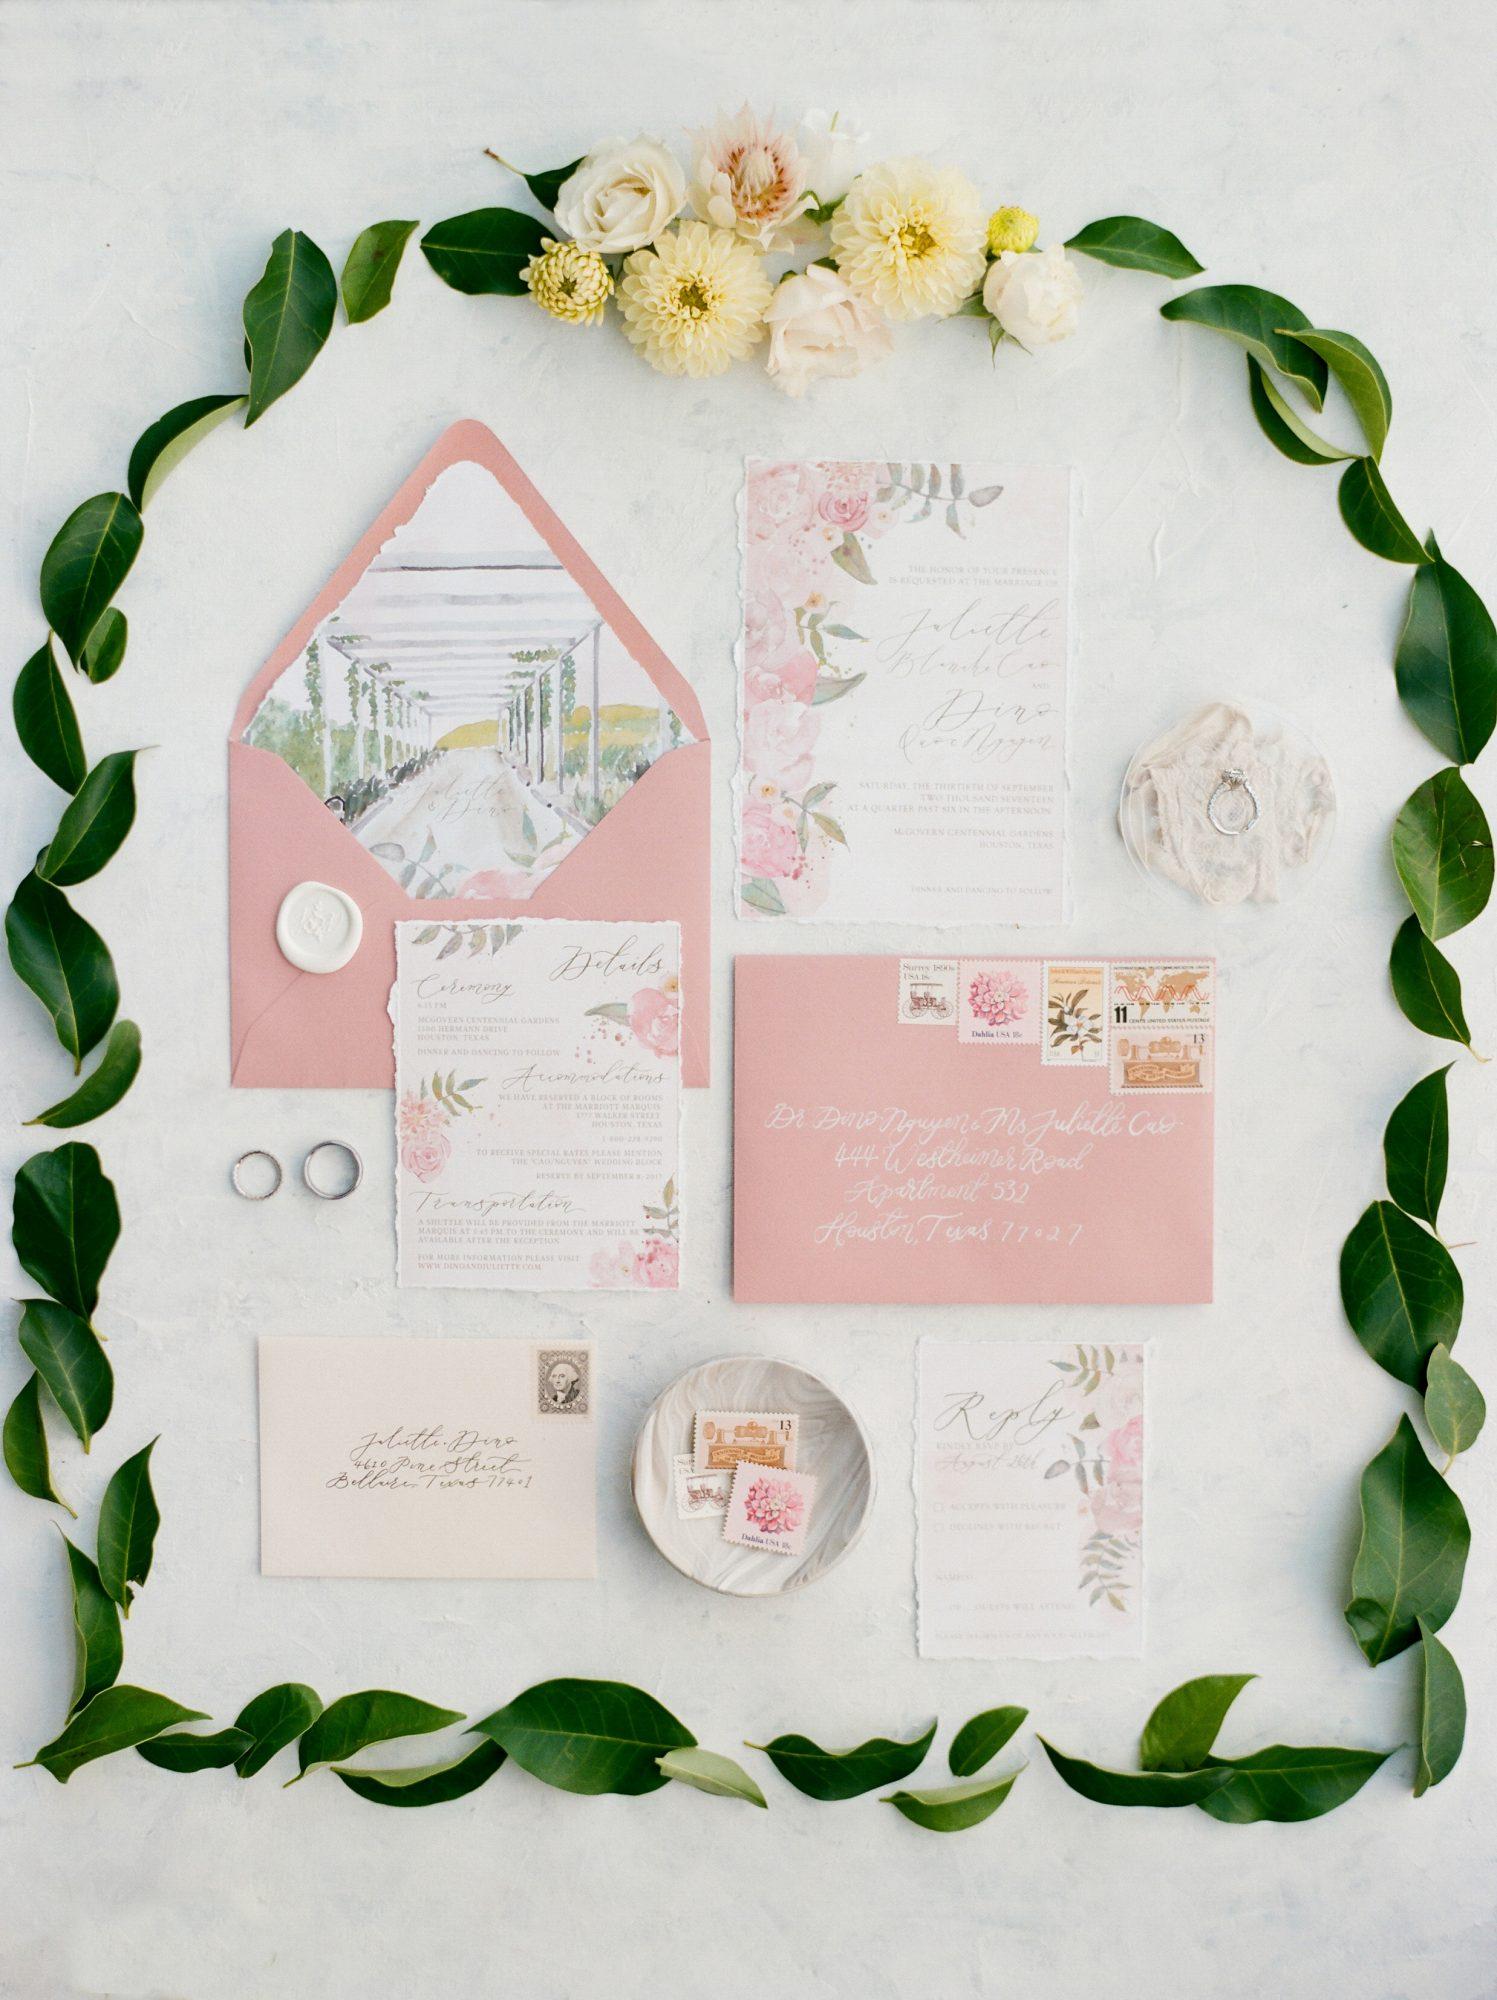 Casamento na Primavera   6 ideias autênticas para aplicar na sua festa